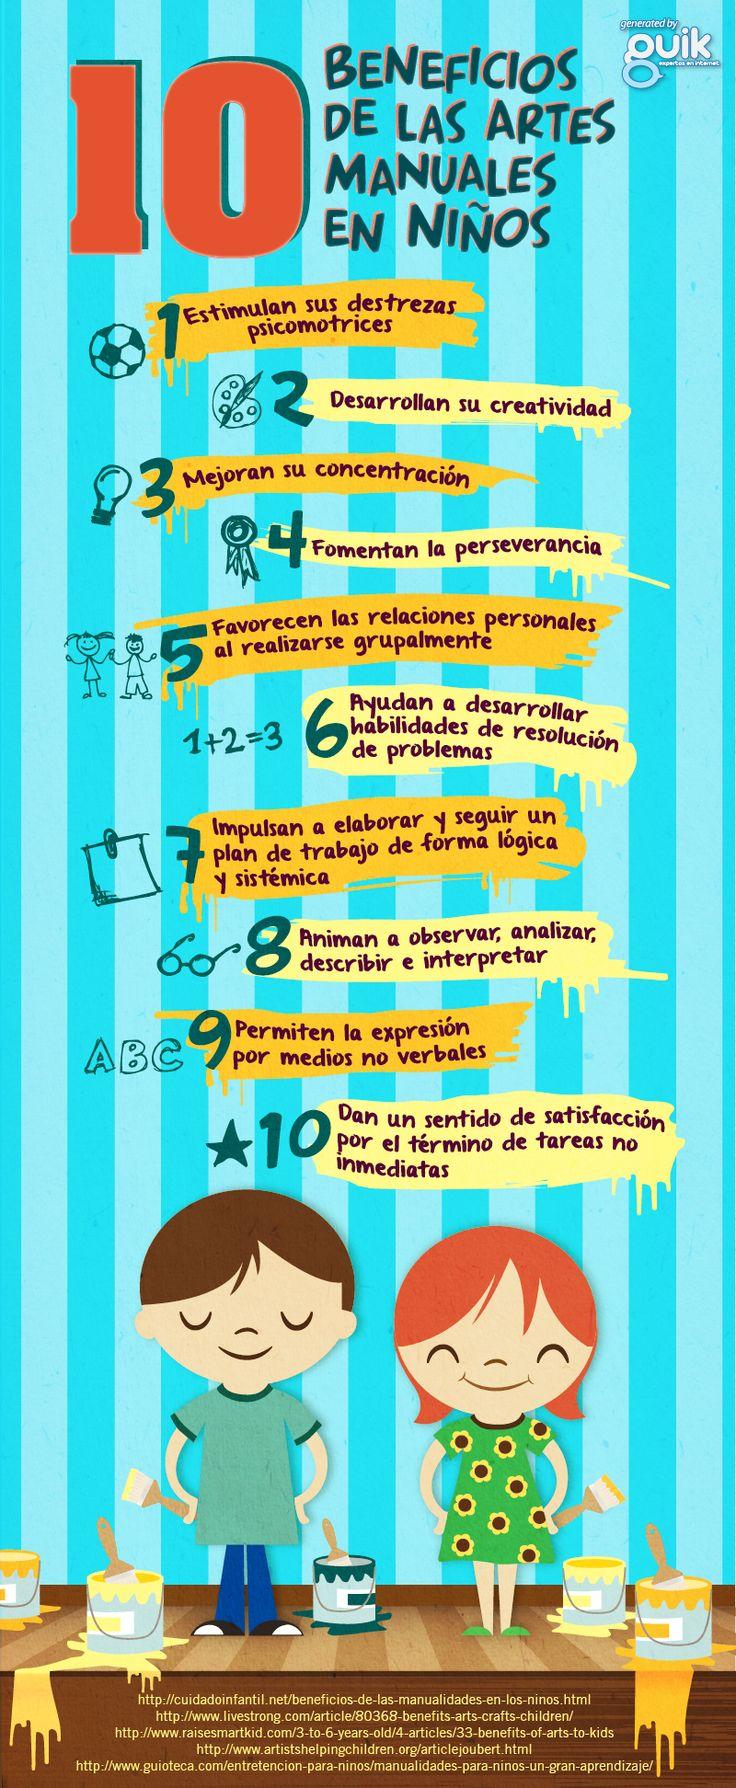 10 razones para incluir el arte manual en la rutina de los niños